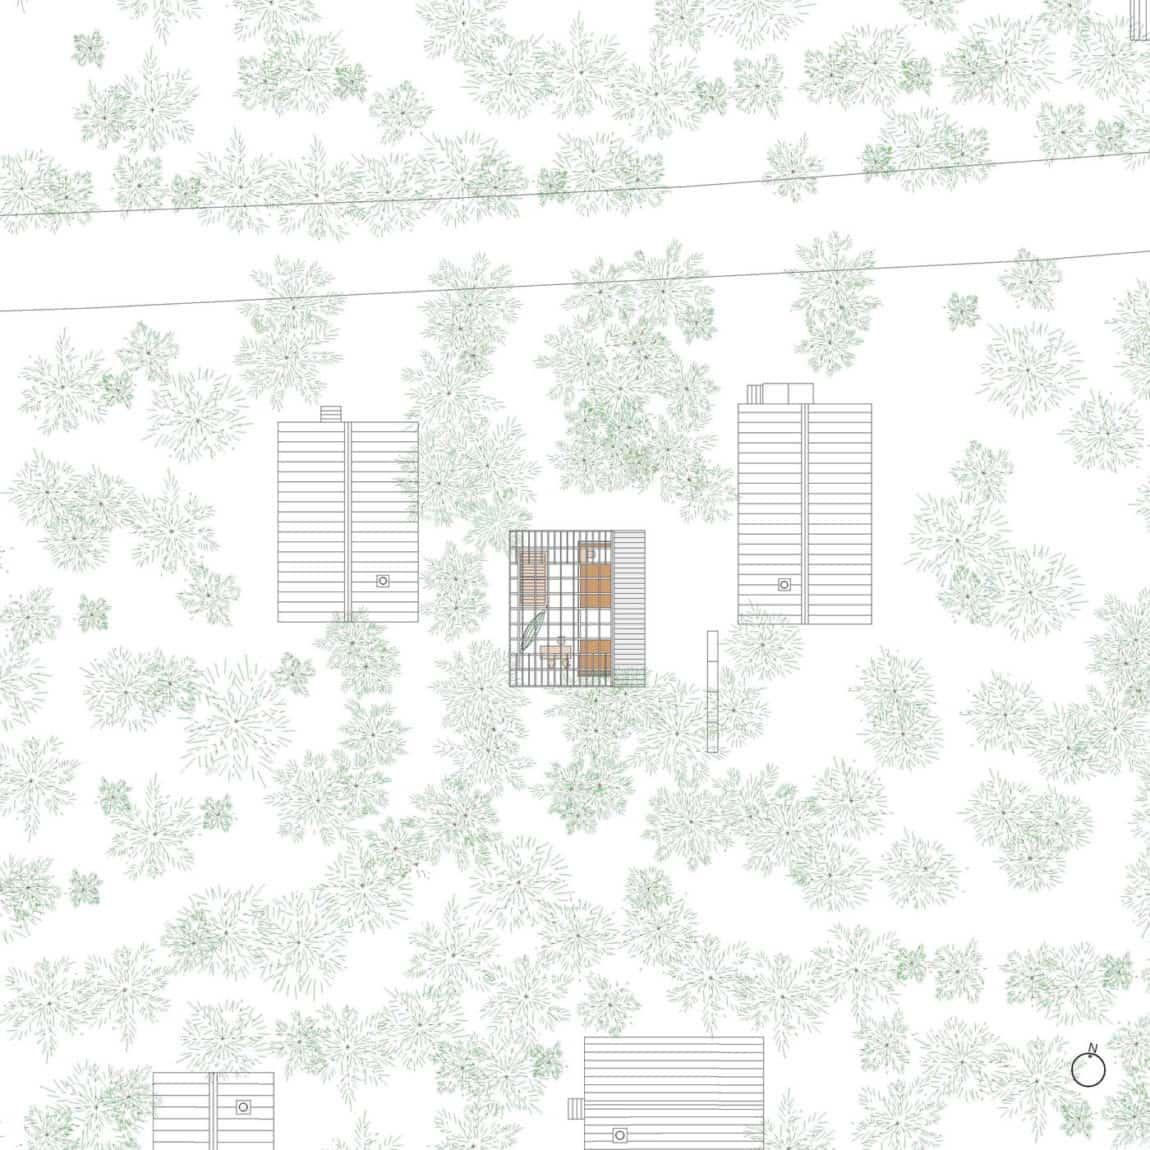 Villa in Hakuba by Naka Architects (18)